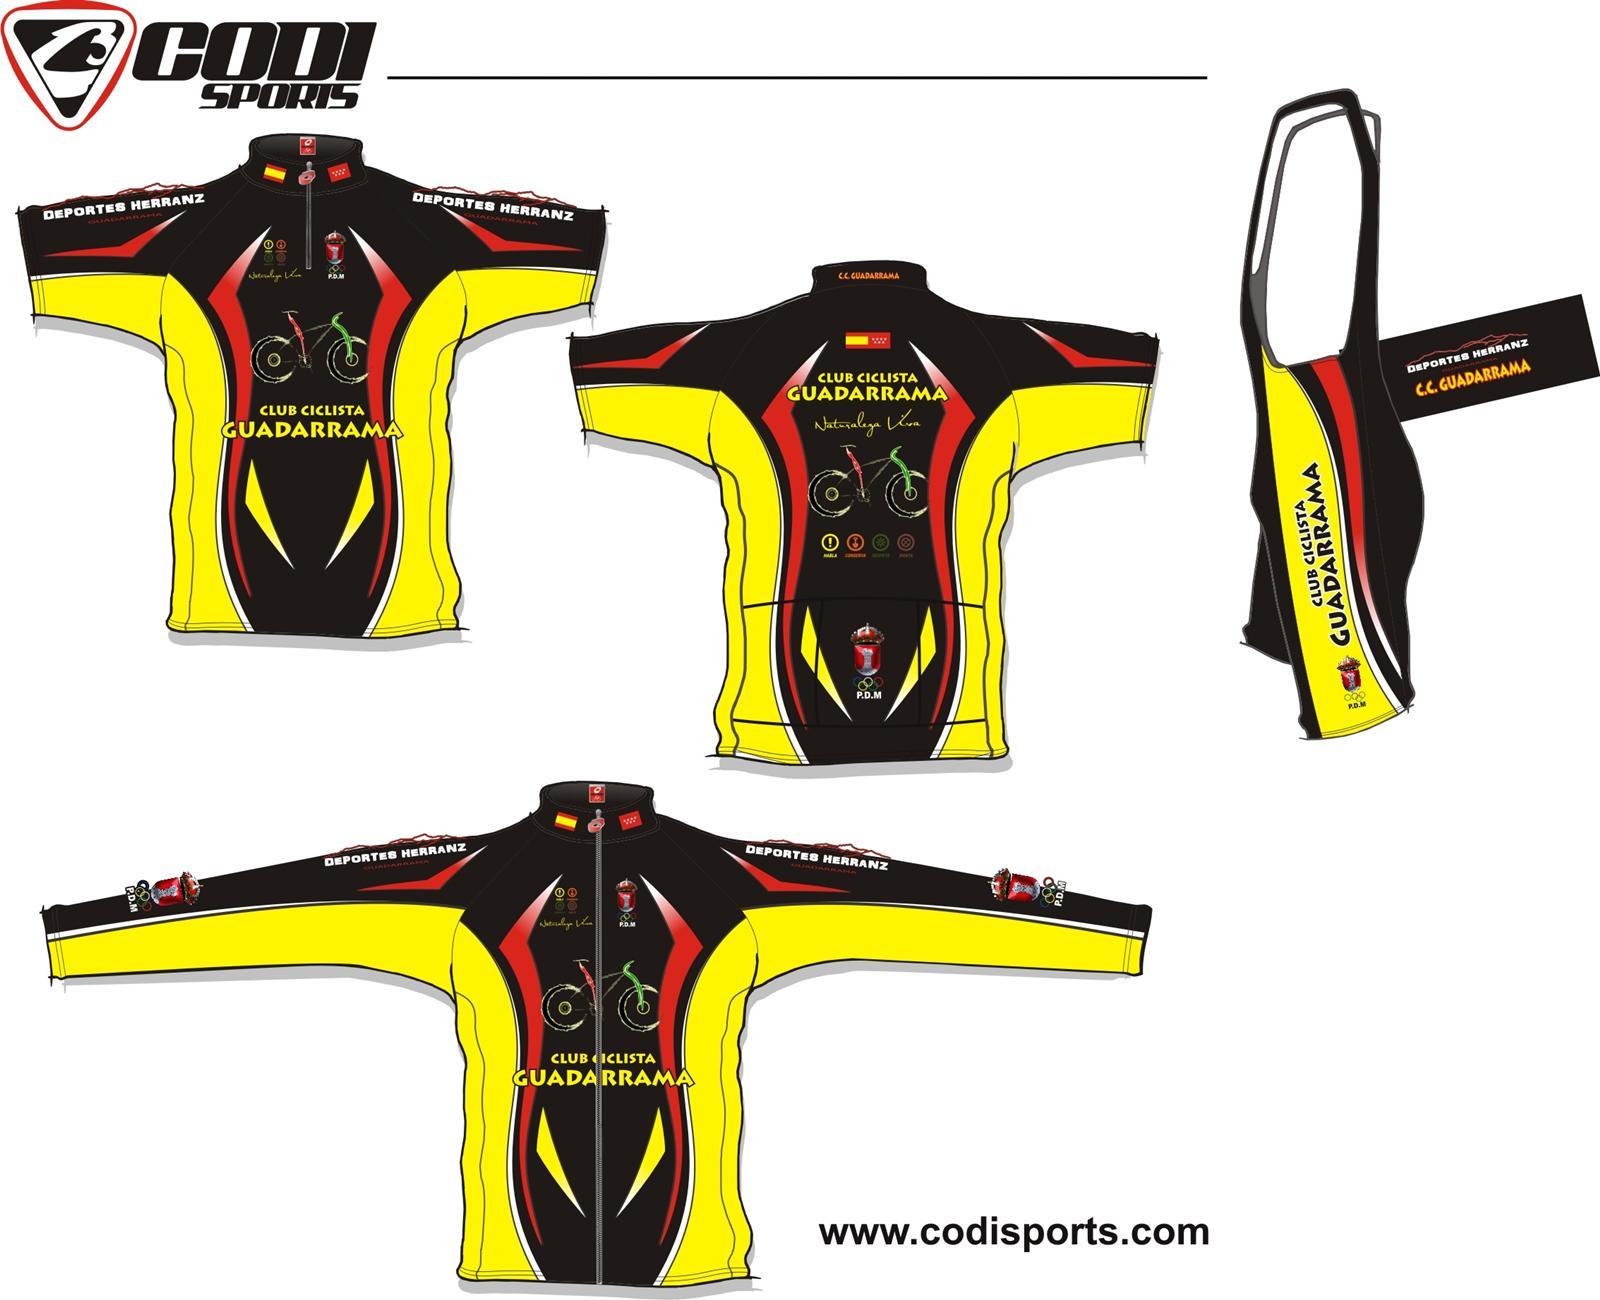 Diseño de la Equipación 2010